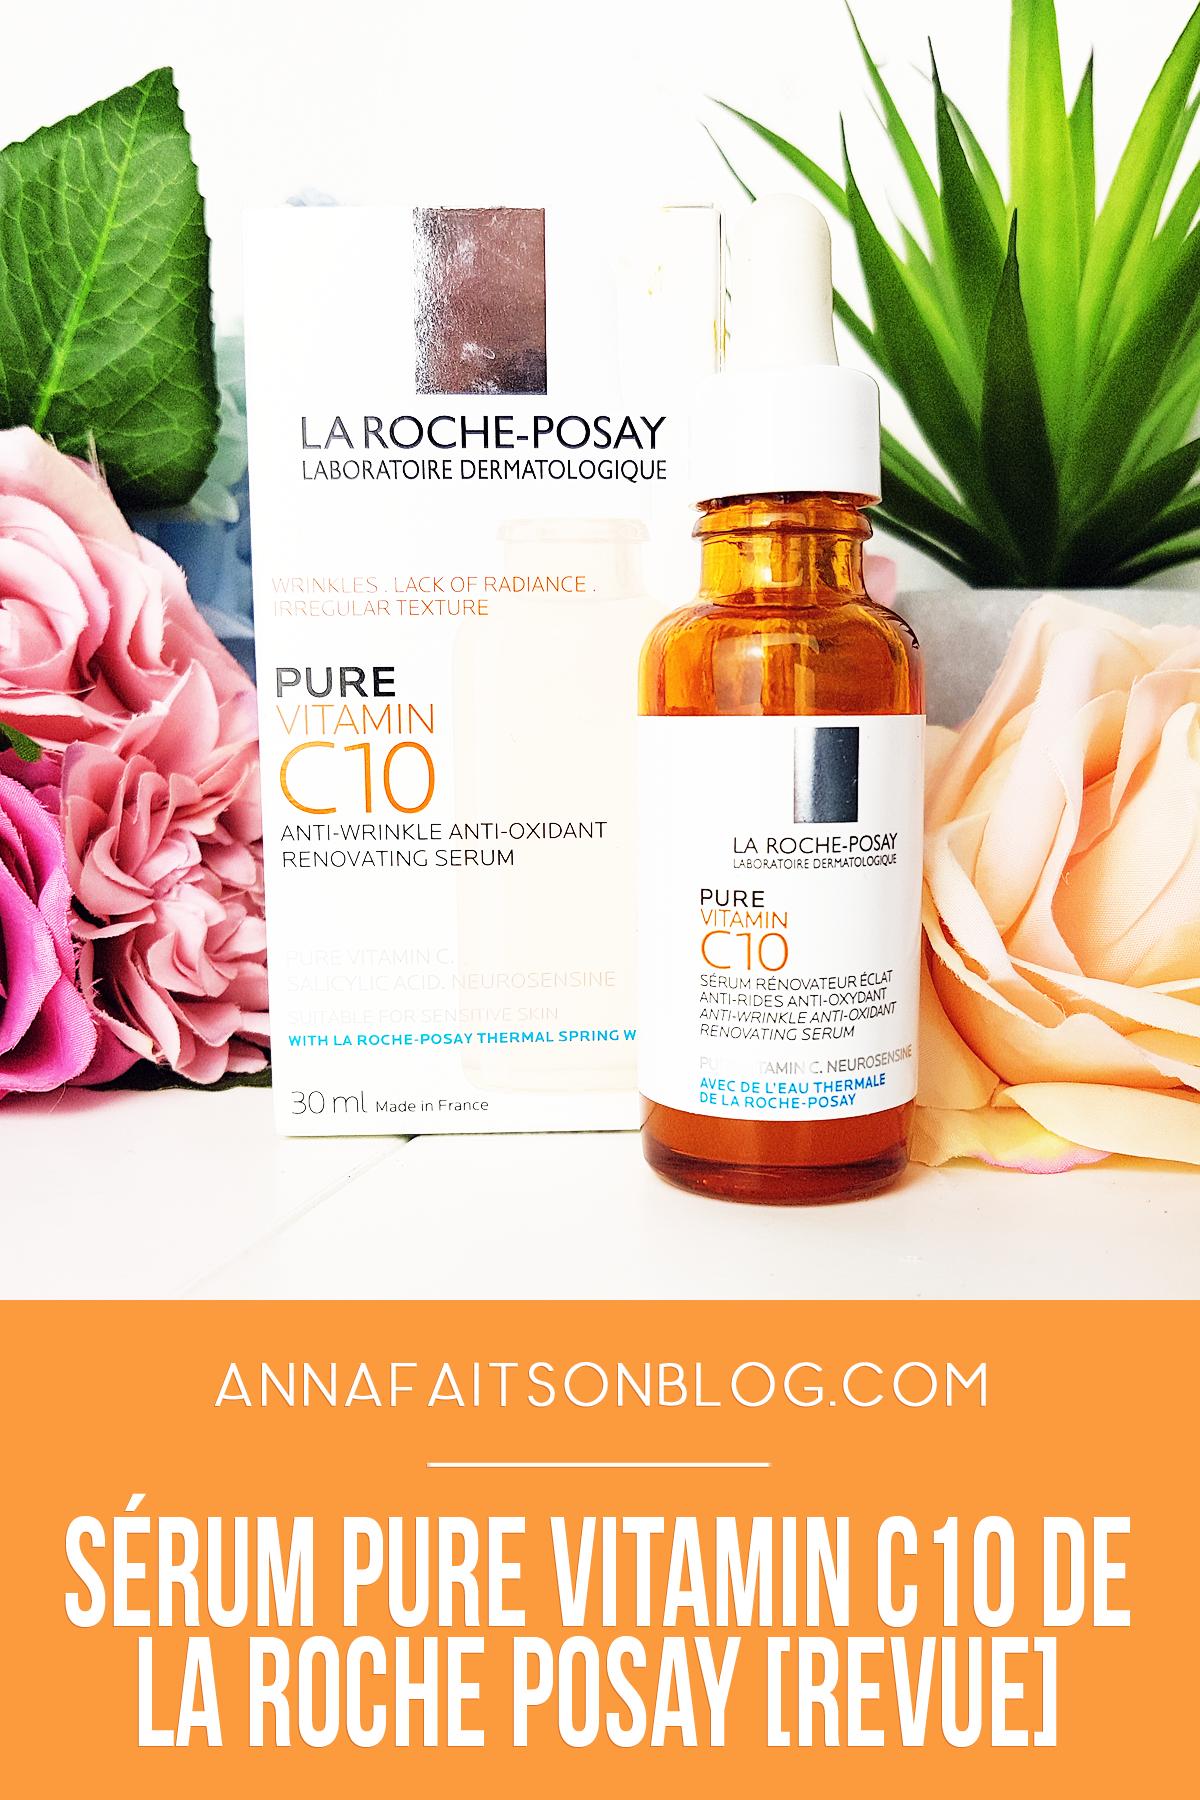 Sérum Pure Vitamin C10 de La Roche Posay #skincare